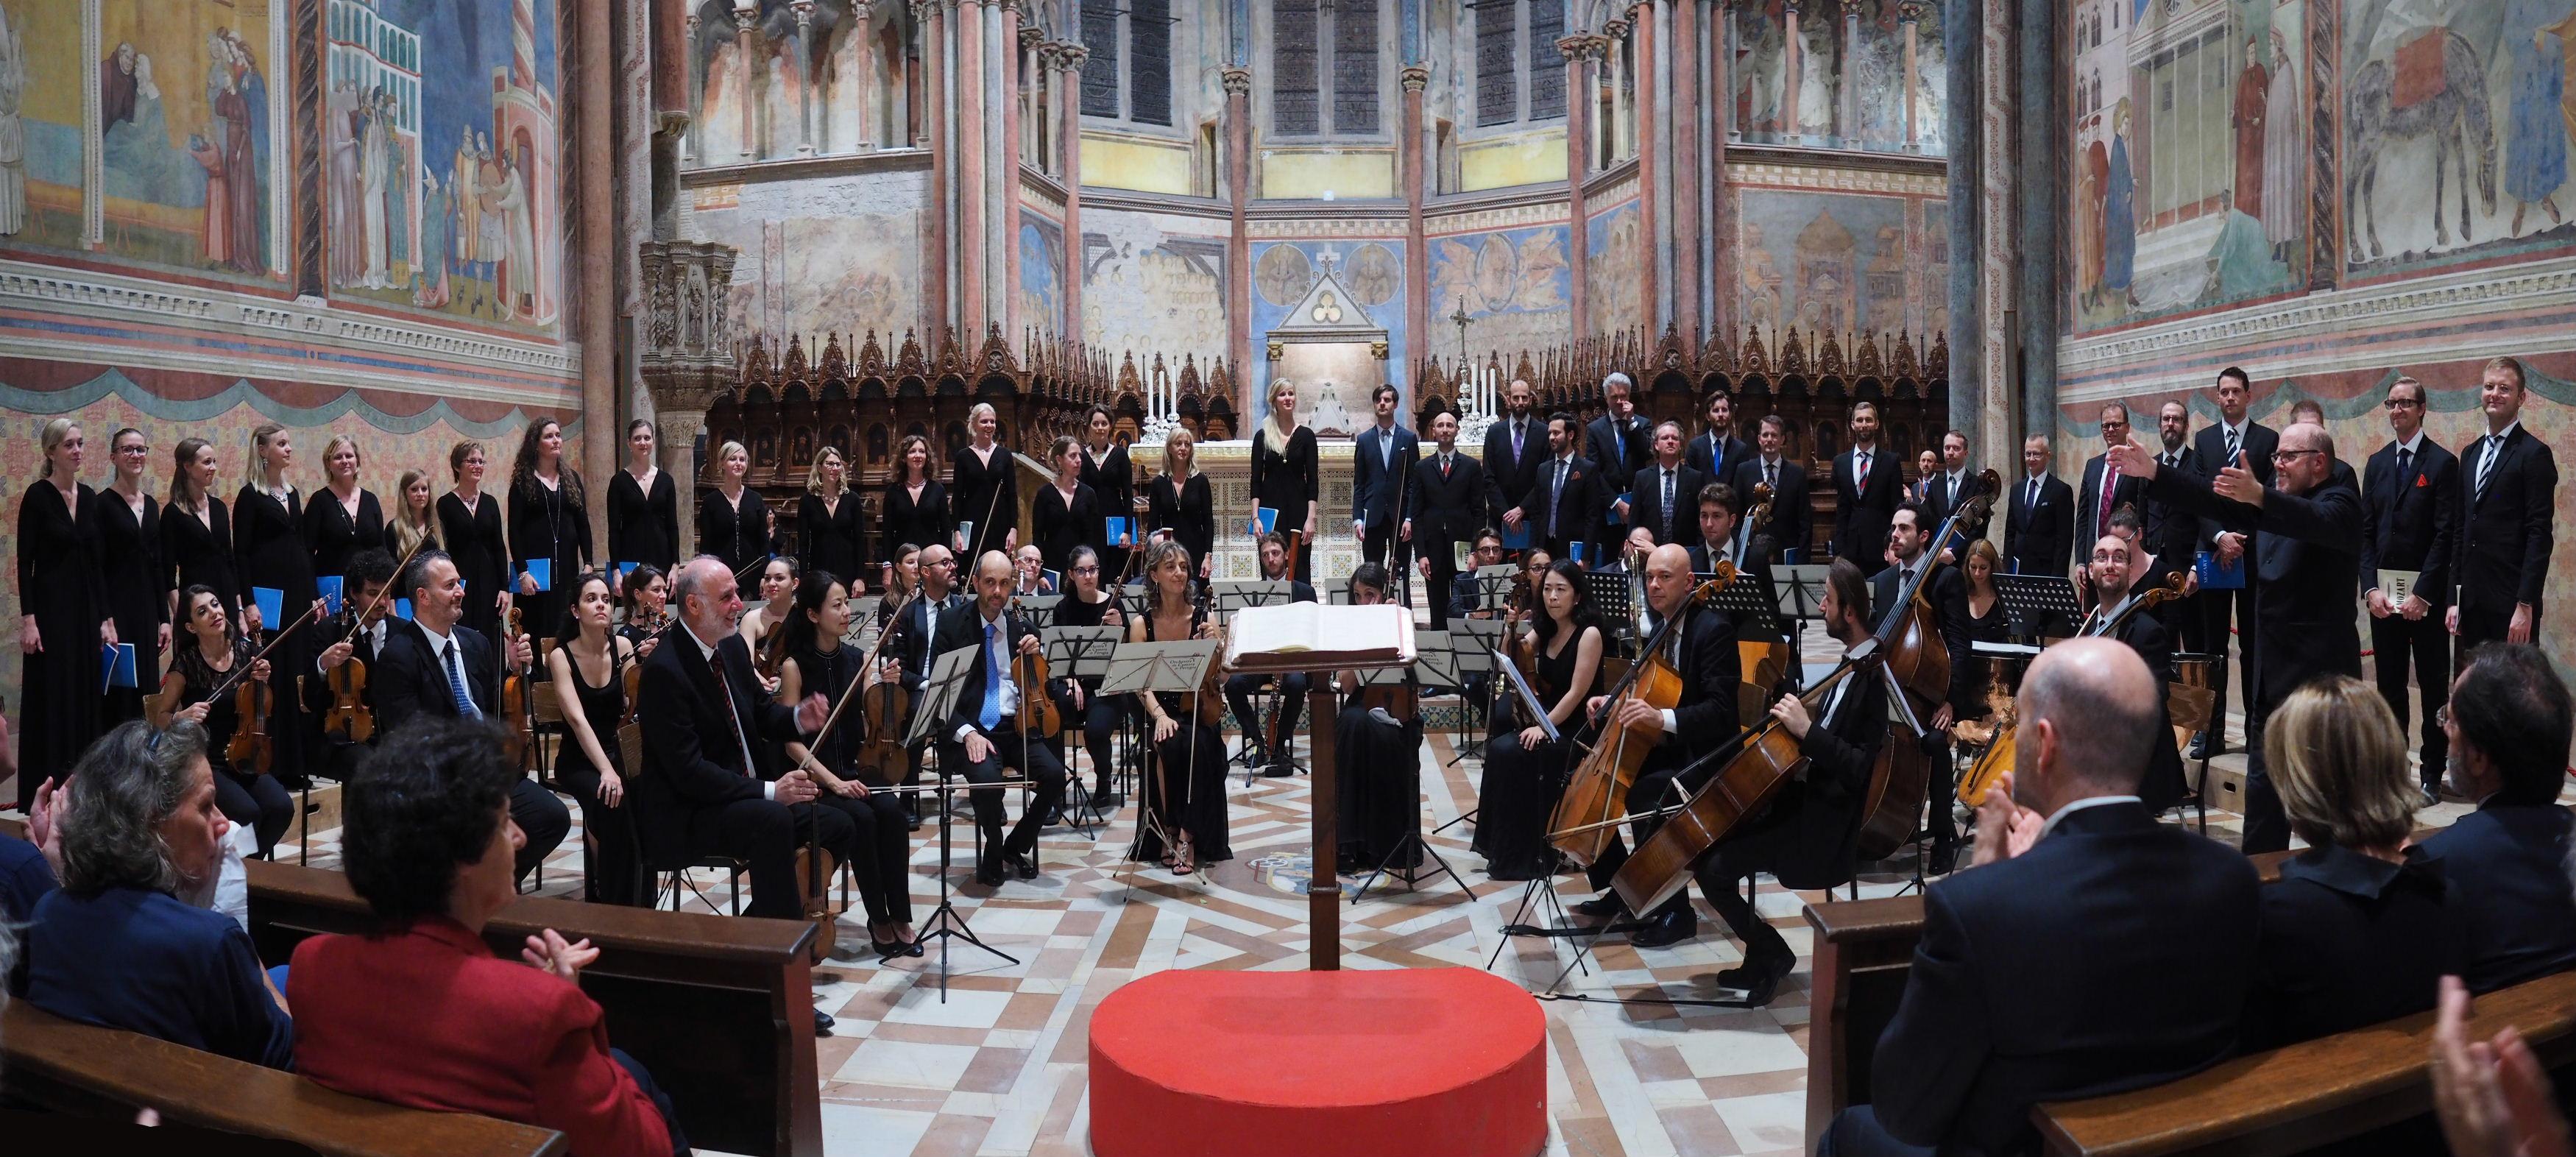 Basilica Papale di San Francesco in Assissi 2016 Mozart Requiem